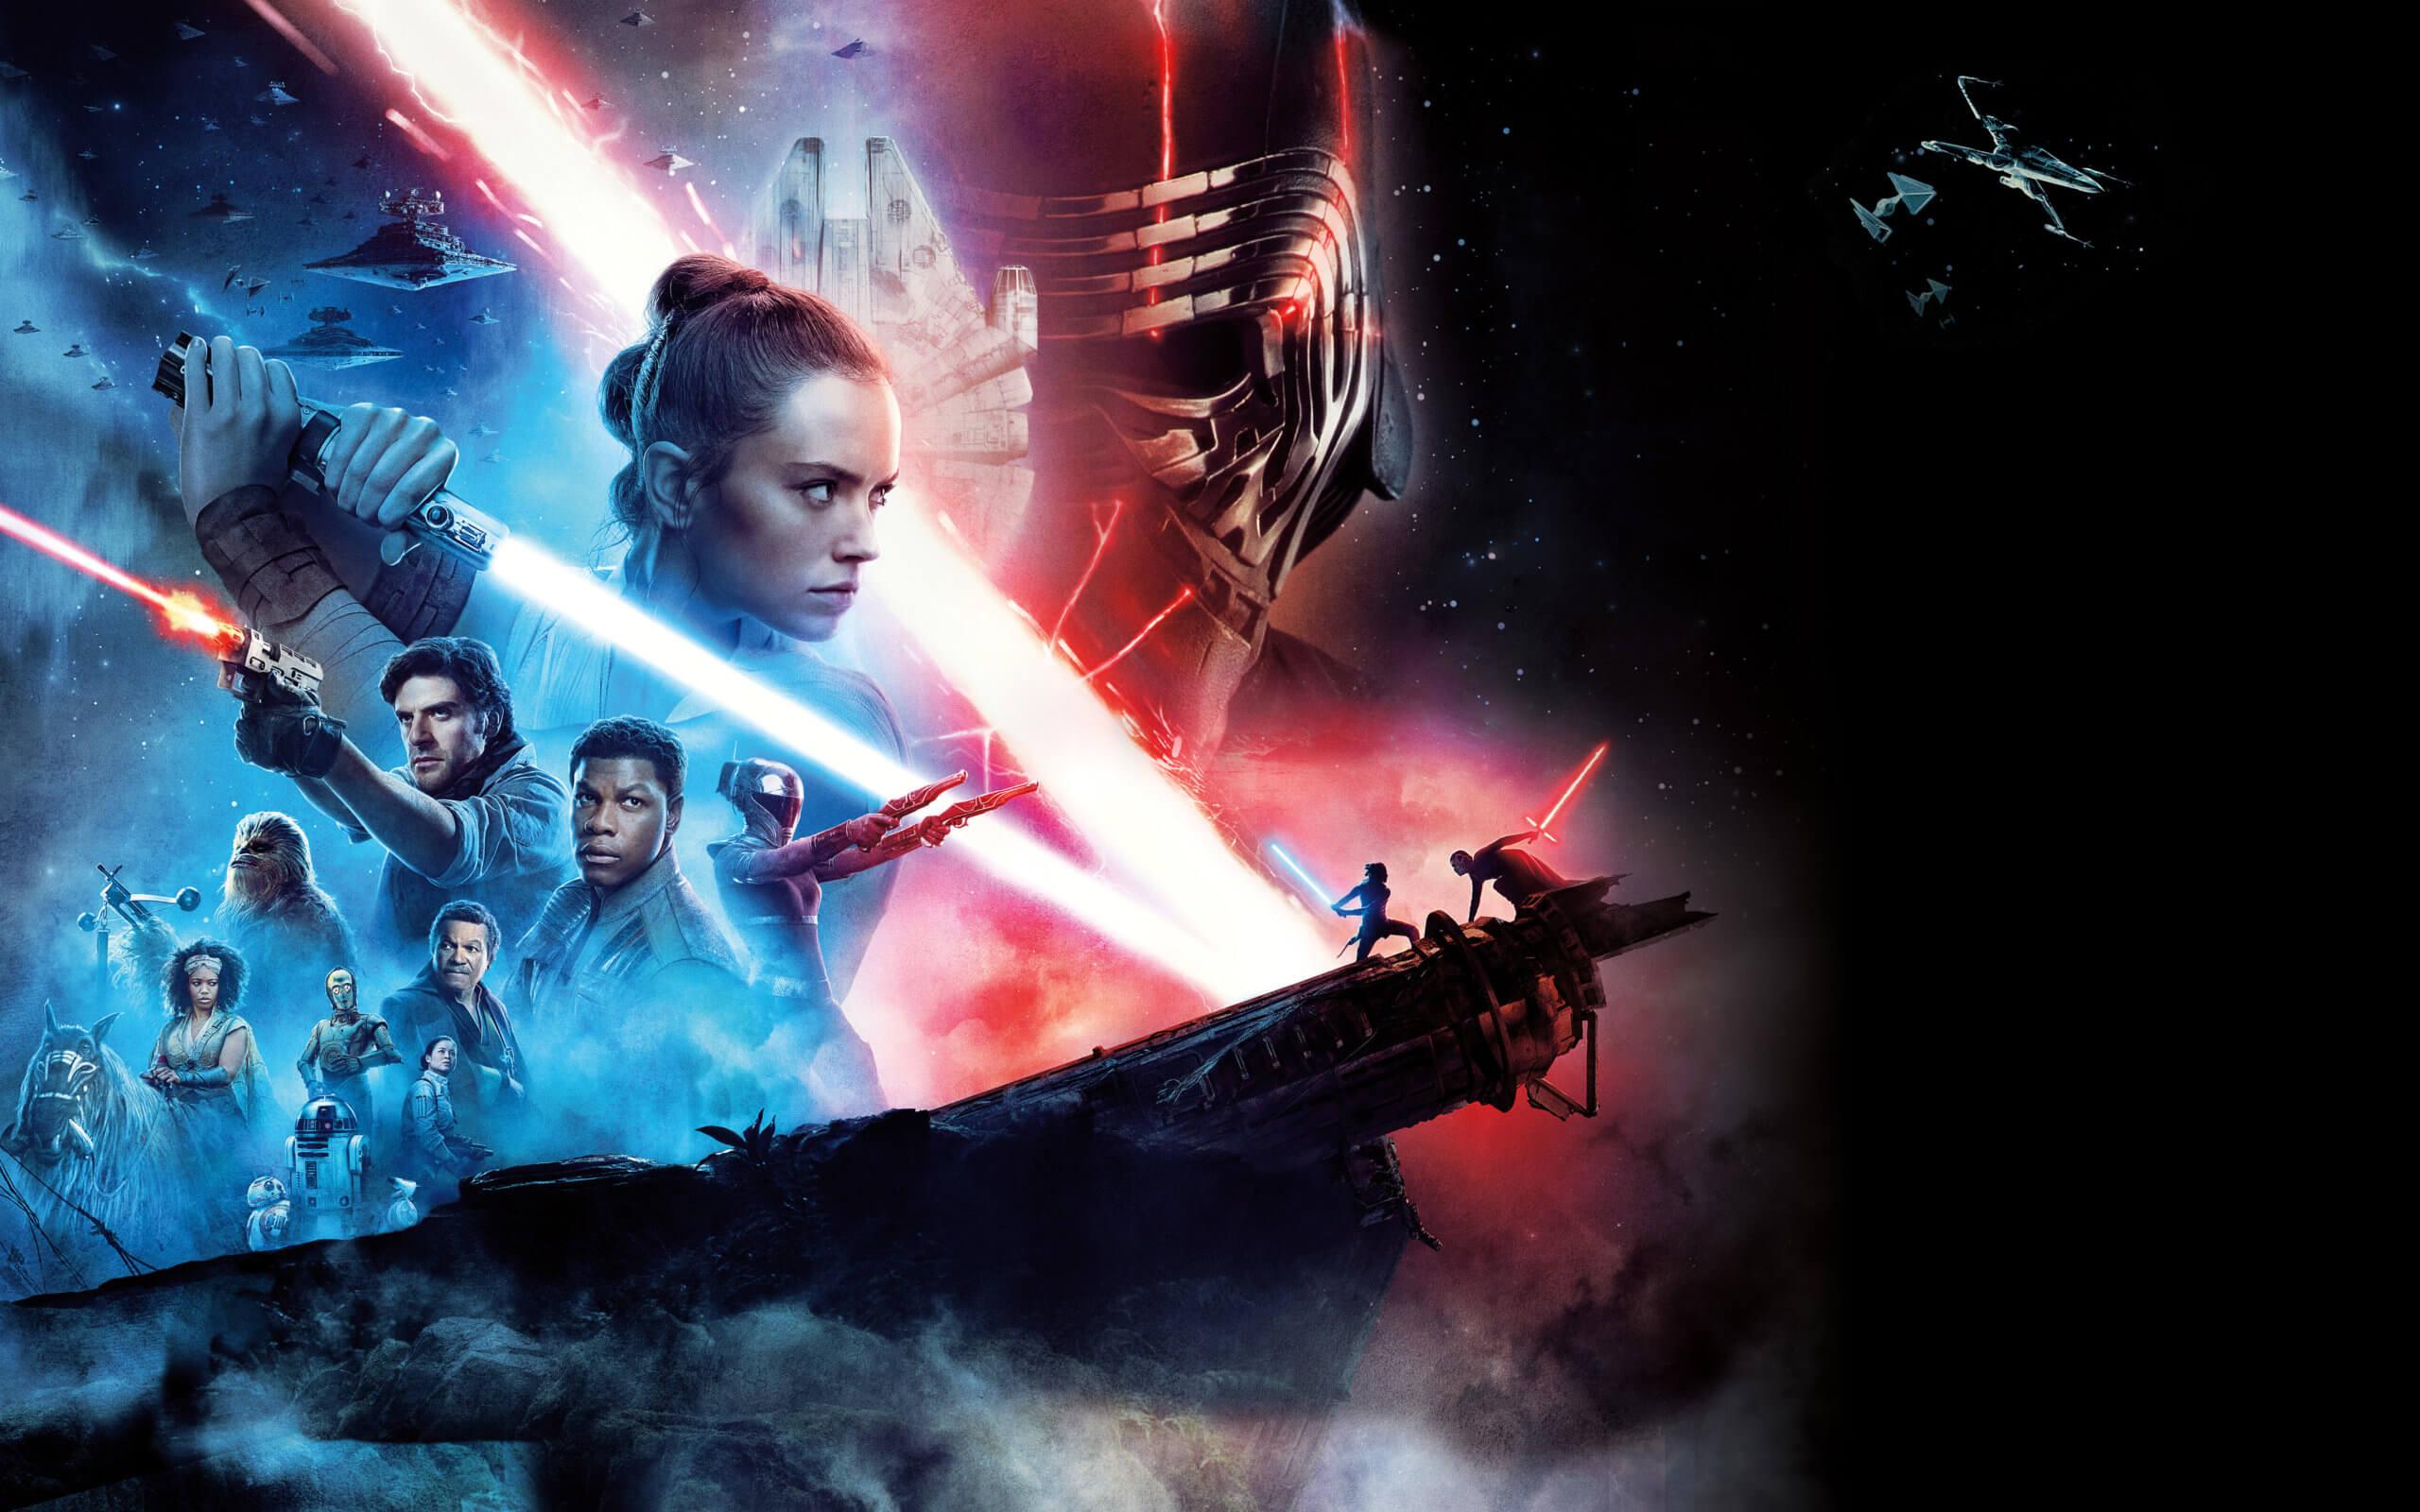 starwars-the-rise-of-skyawalker-2019-movie